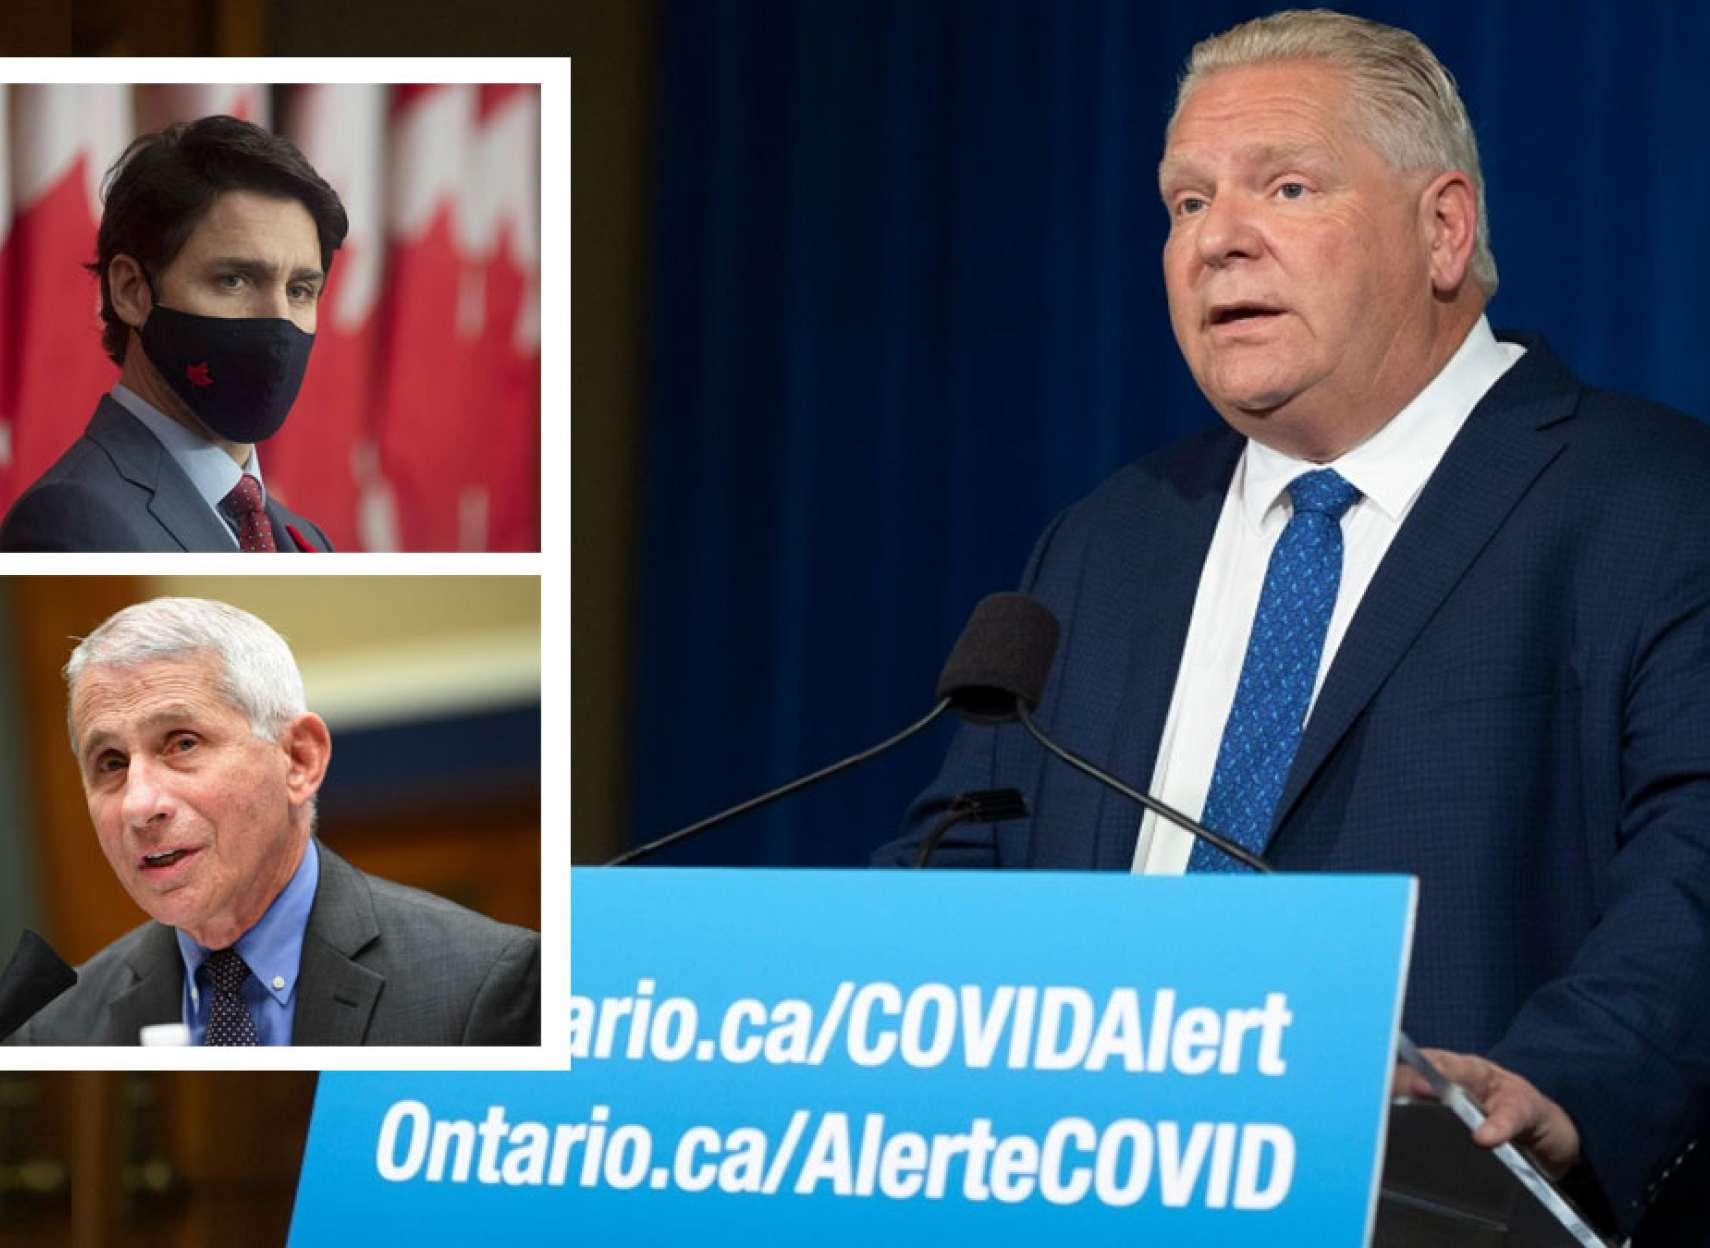 اخبار-تورنتو-فورد-تلویحا-گفت-جمعه-تورنتو-یورک-و-پیل-را-می-بندد-آیا-ترودو-کانادا-را-خواهد-بست